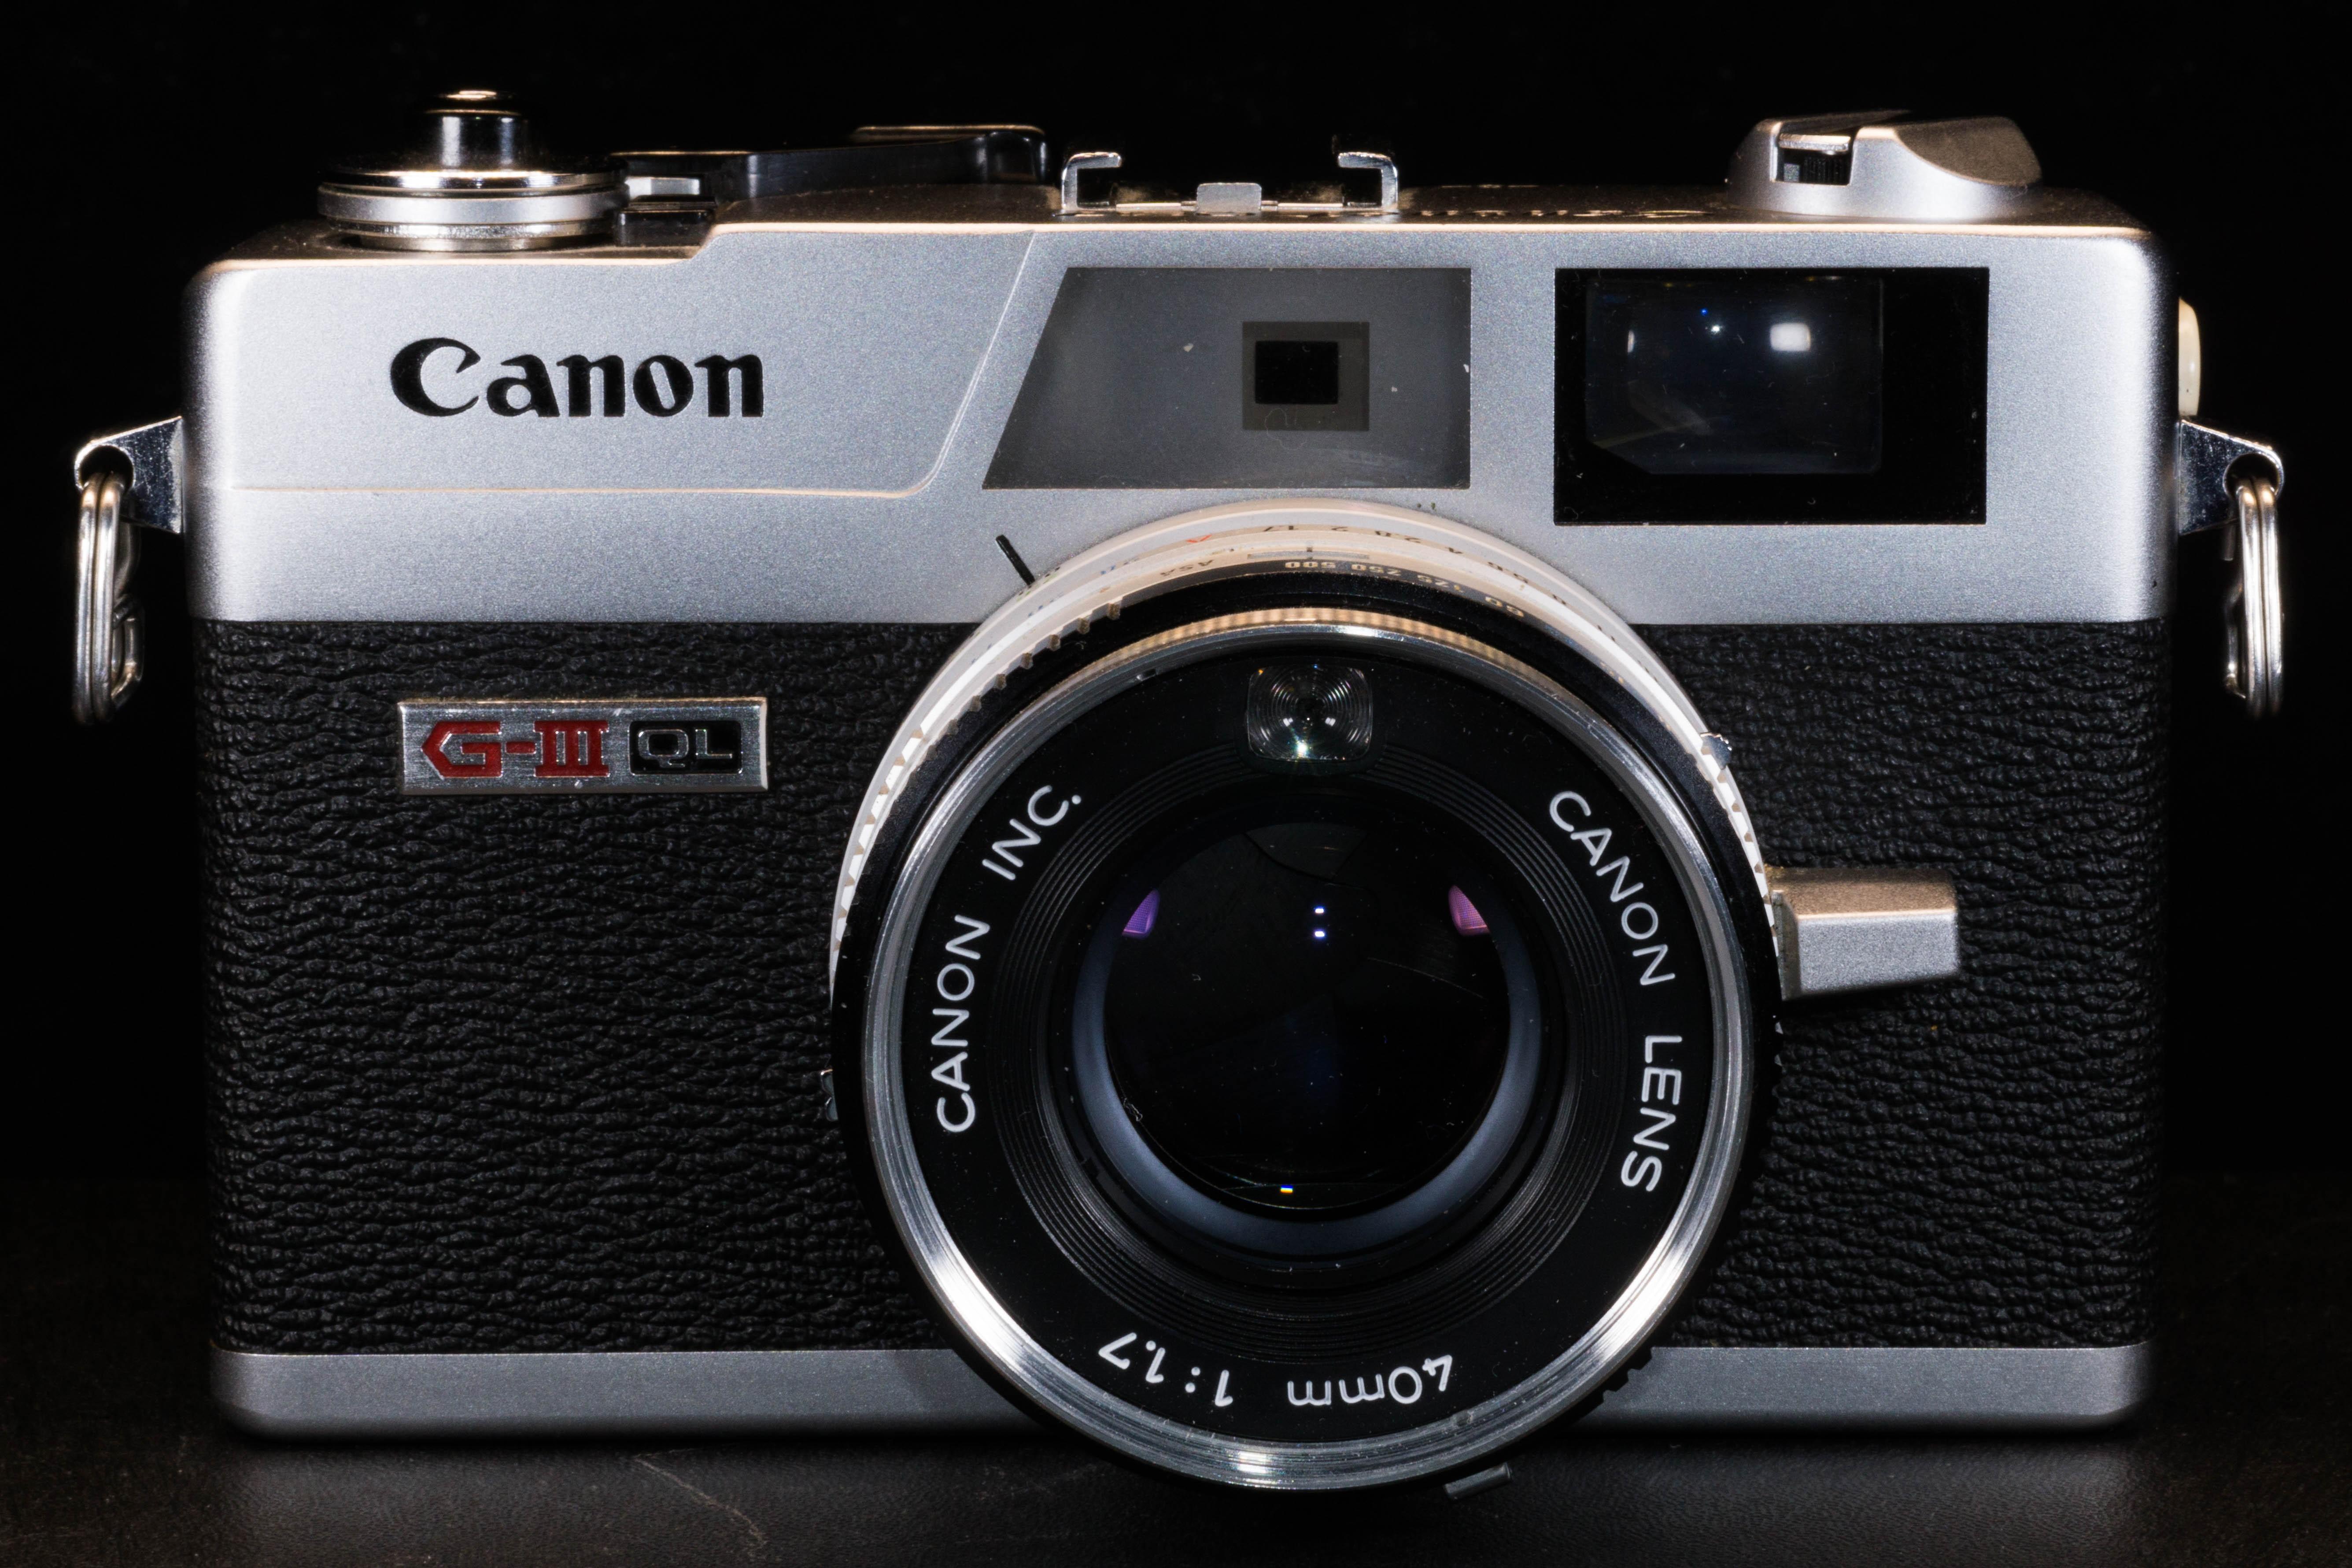 Canonet Ql17 Giii Long Name Great Camera Spotlight